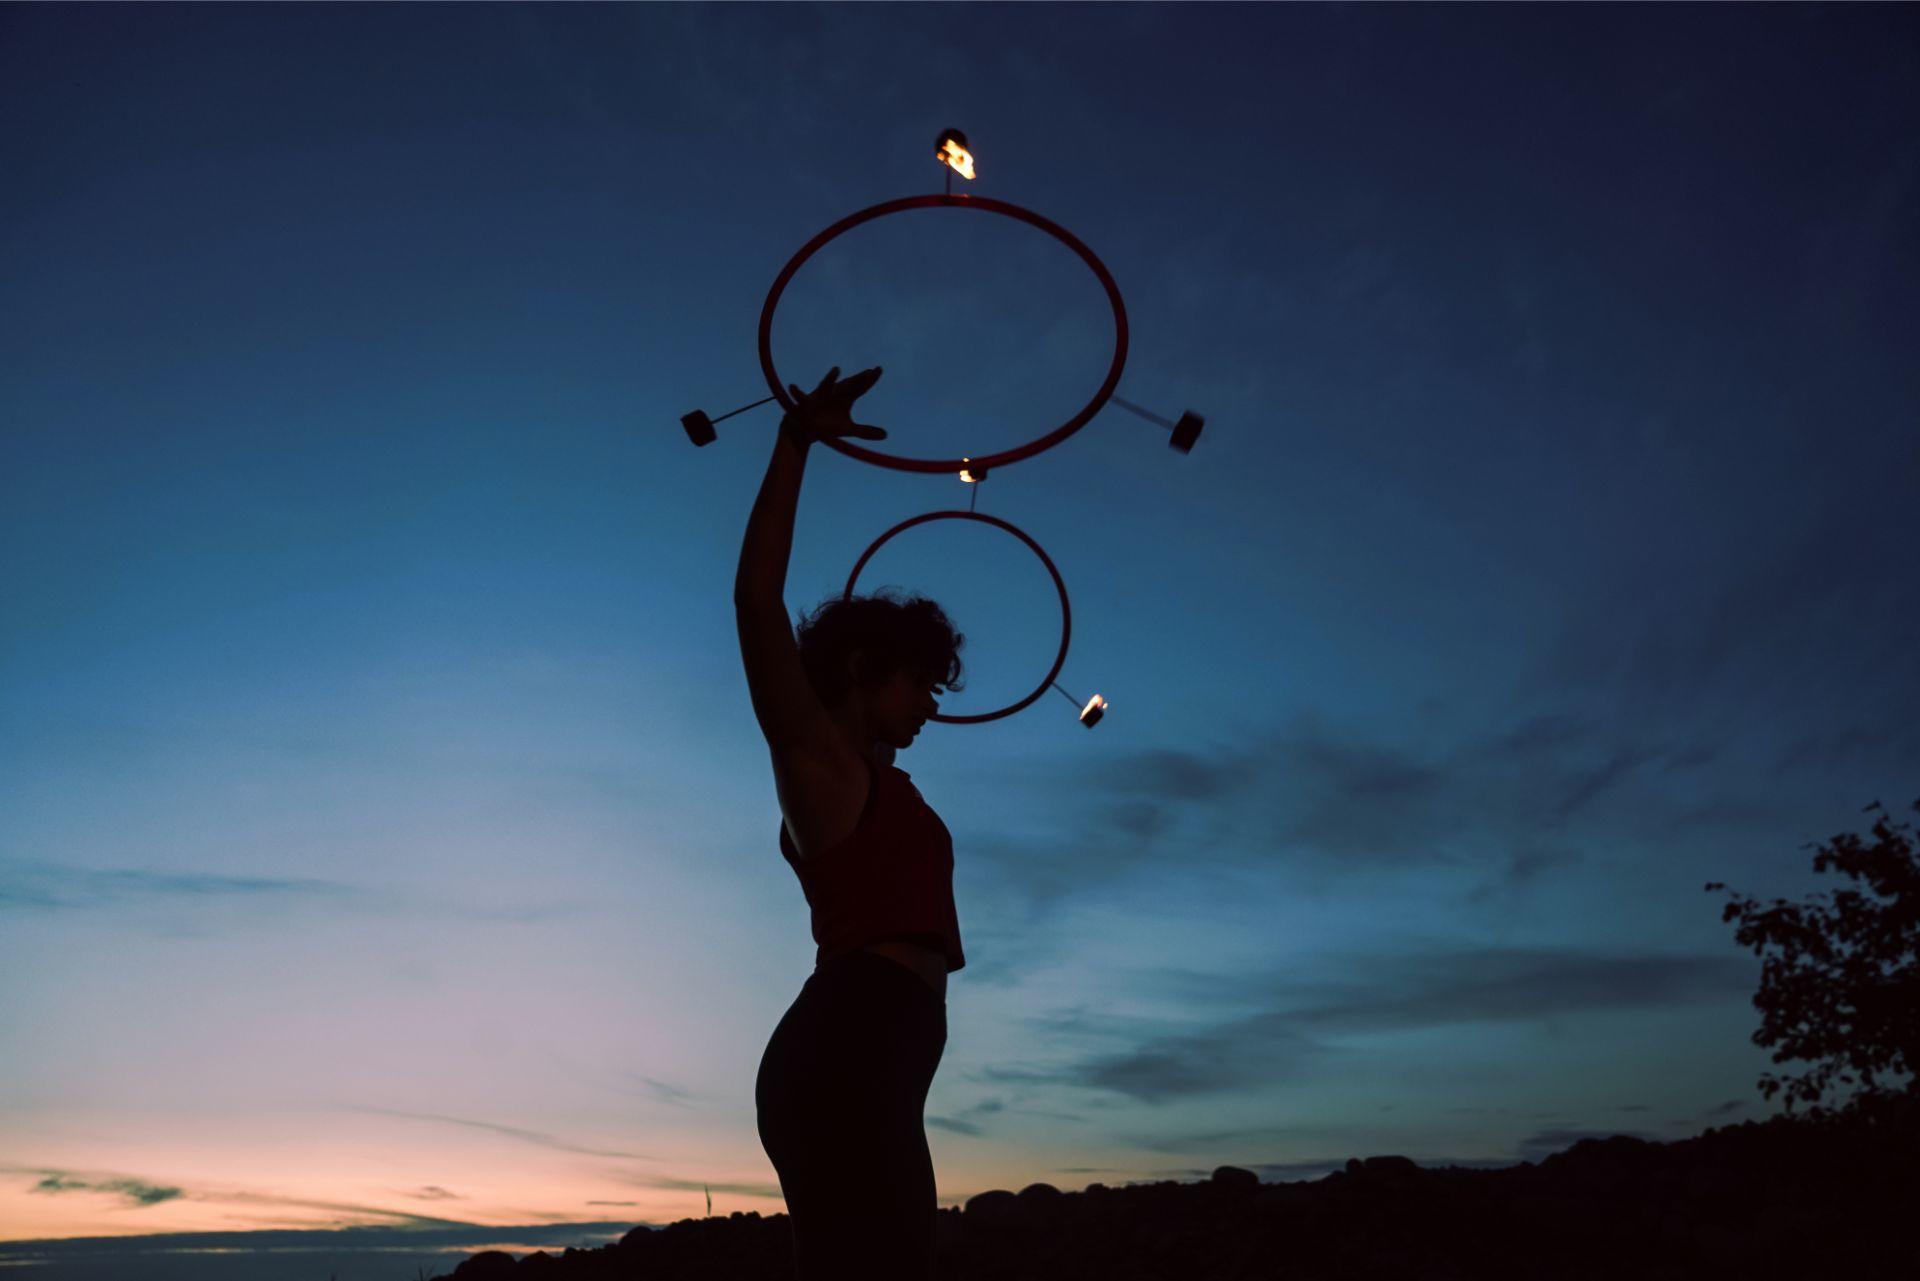 Fire hoop dance red night sky flow dusk double